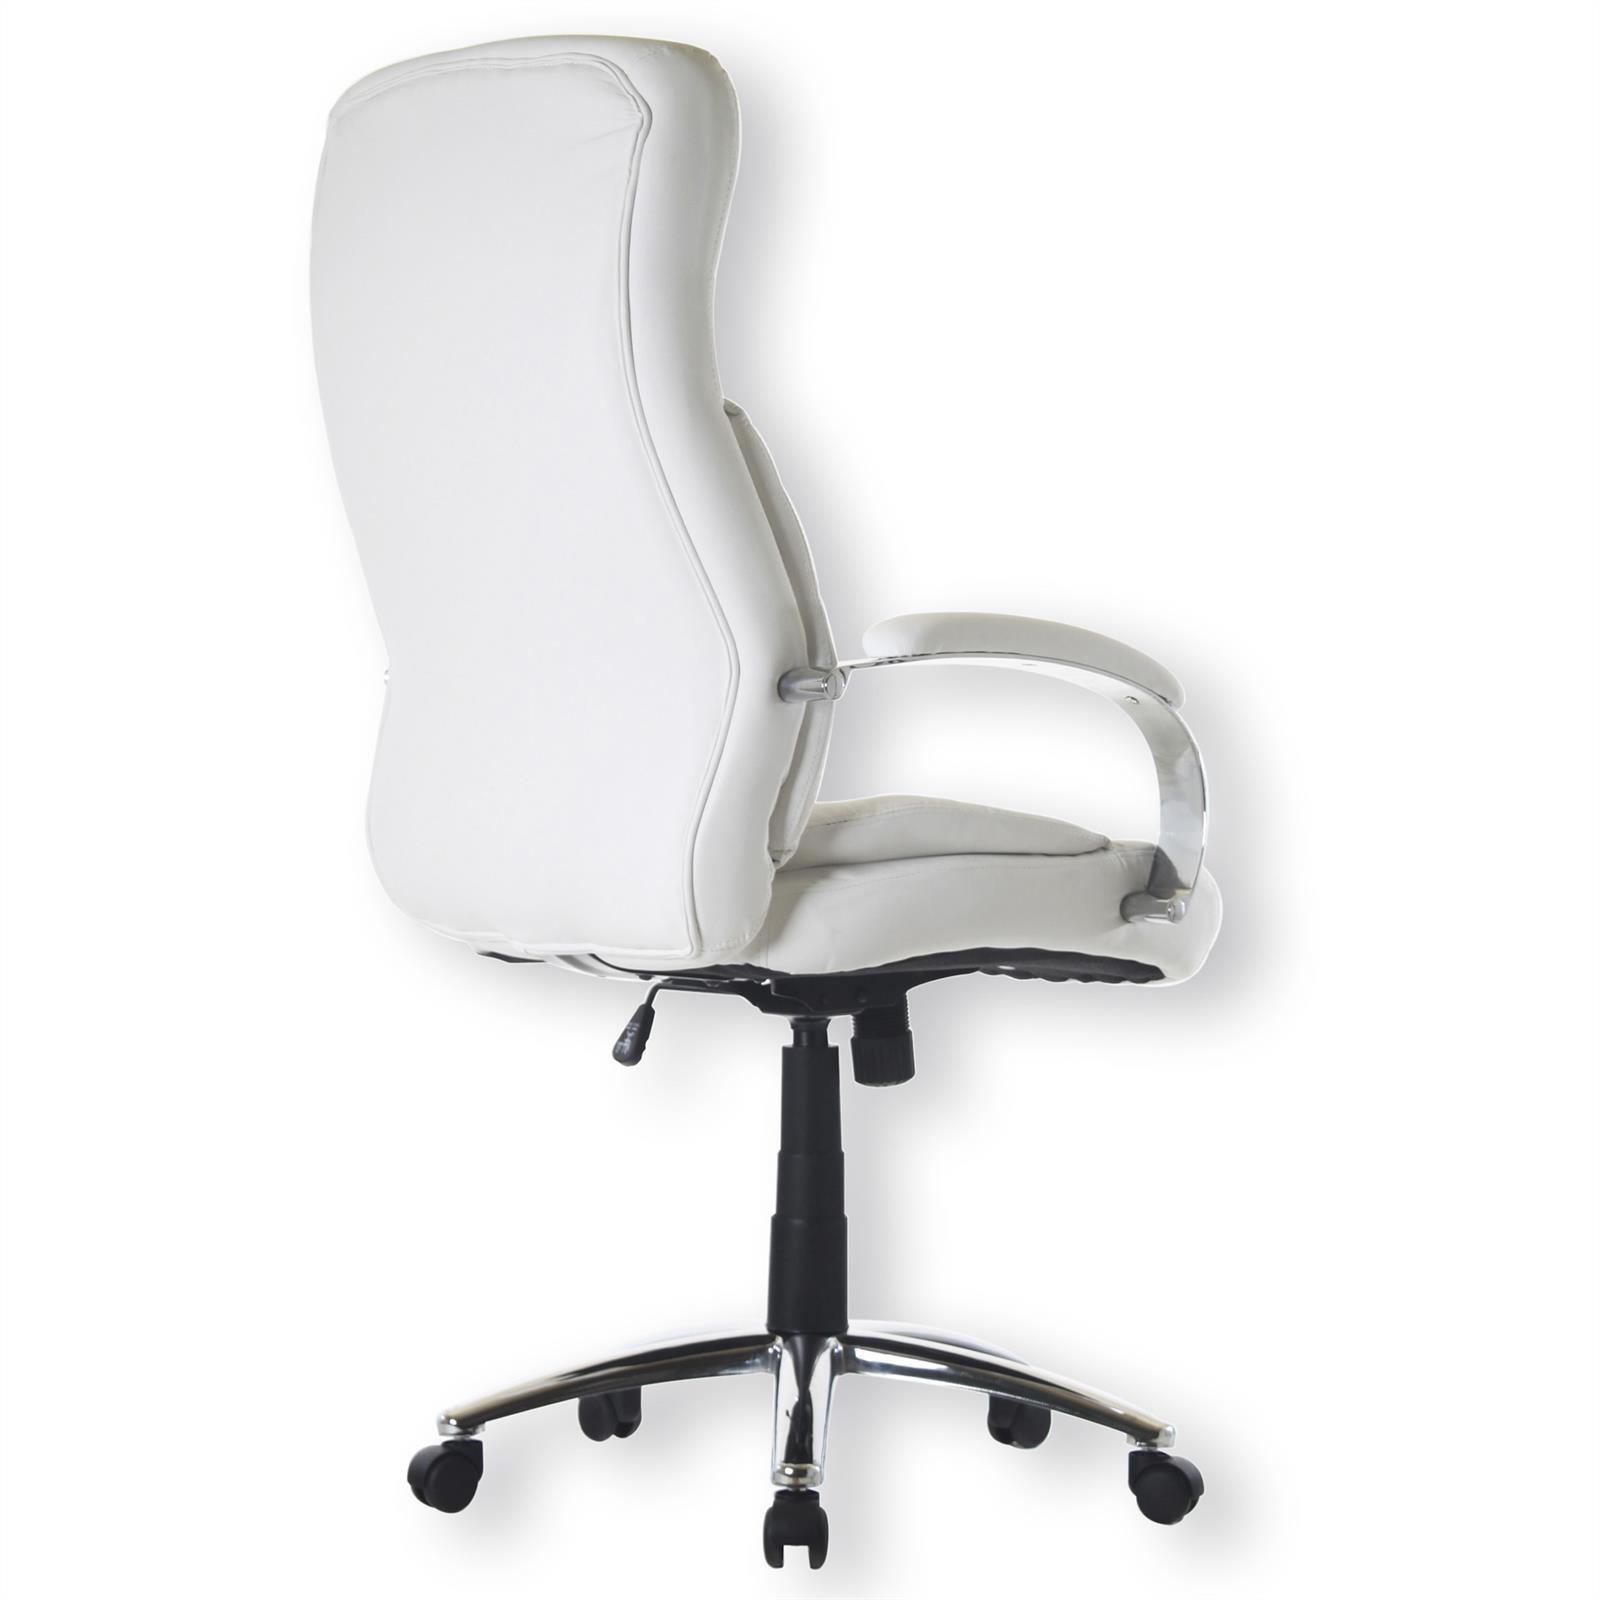 Fauteuil de bureau consul 2 avec accoudoirs blanc mobil meubles - Fauteuil bureau blanc ...